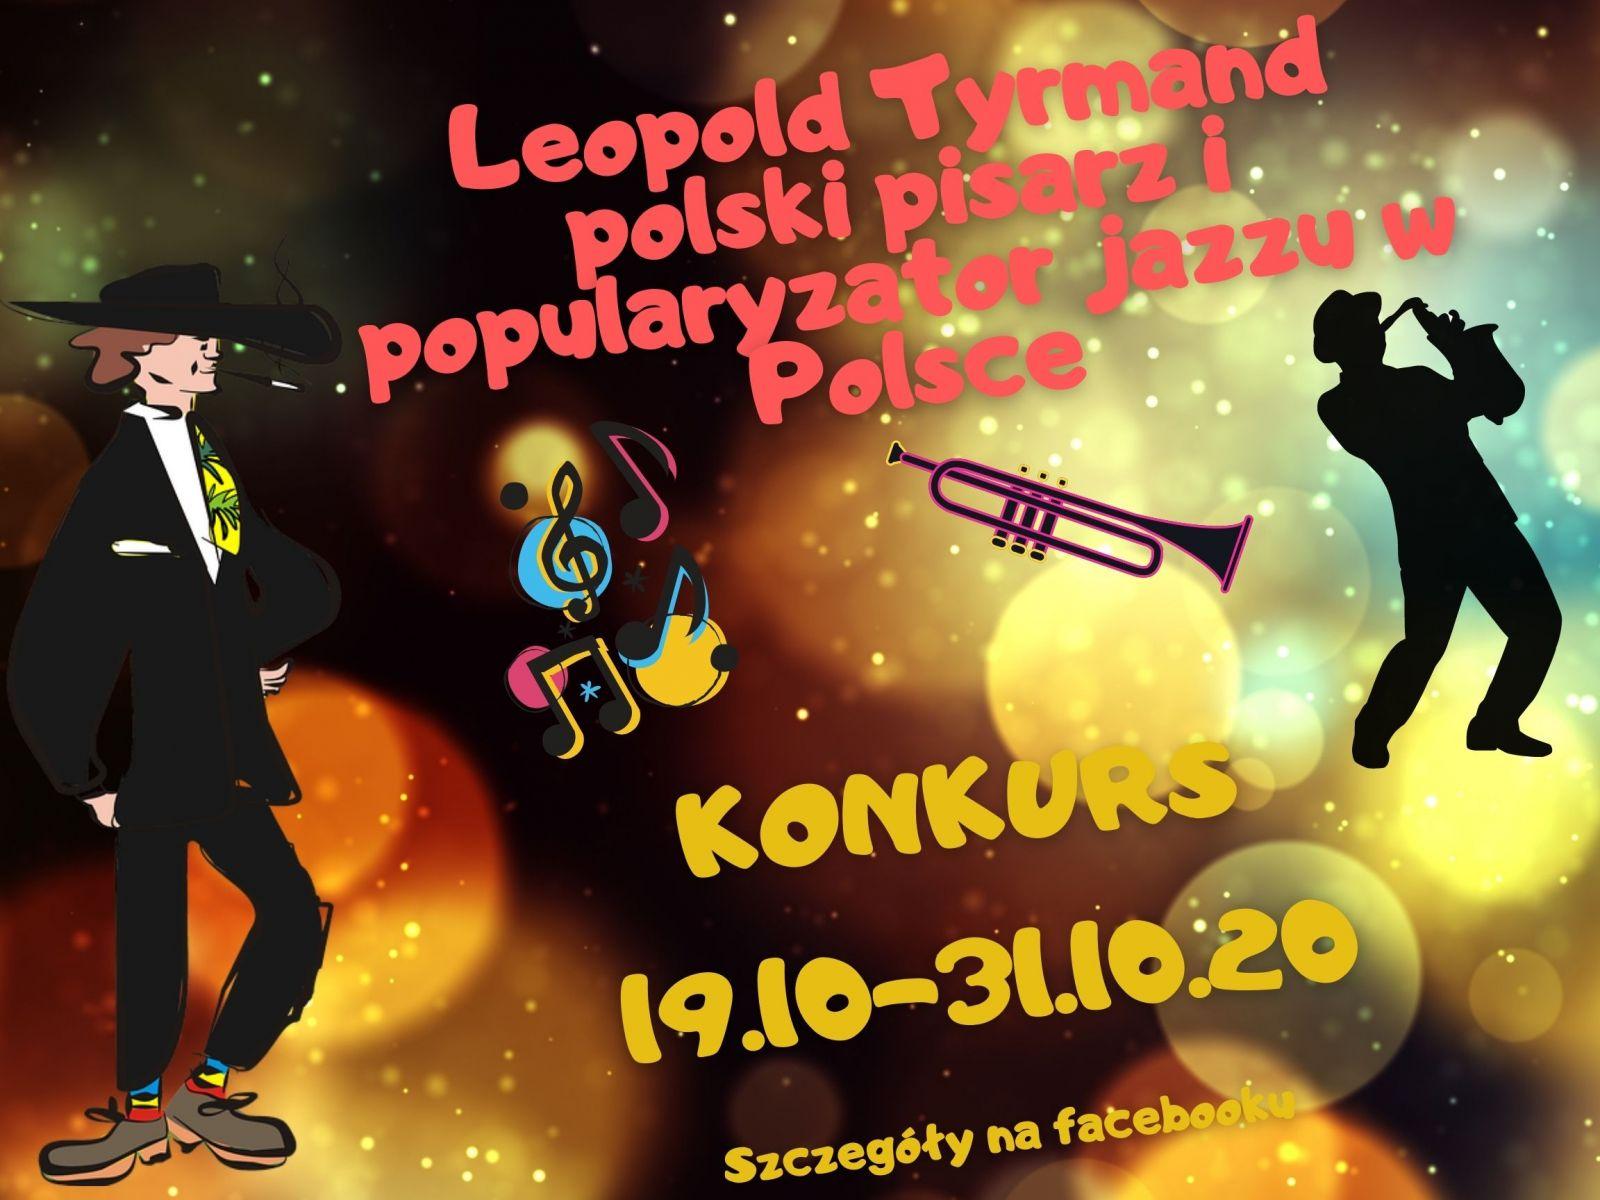 Plakat promujący konkurs dotyczący postaci Leopolda Tyrmanda, który rozpoczyna się w dniu 19 października 2020 r.